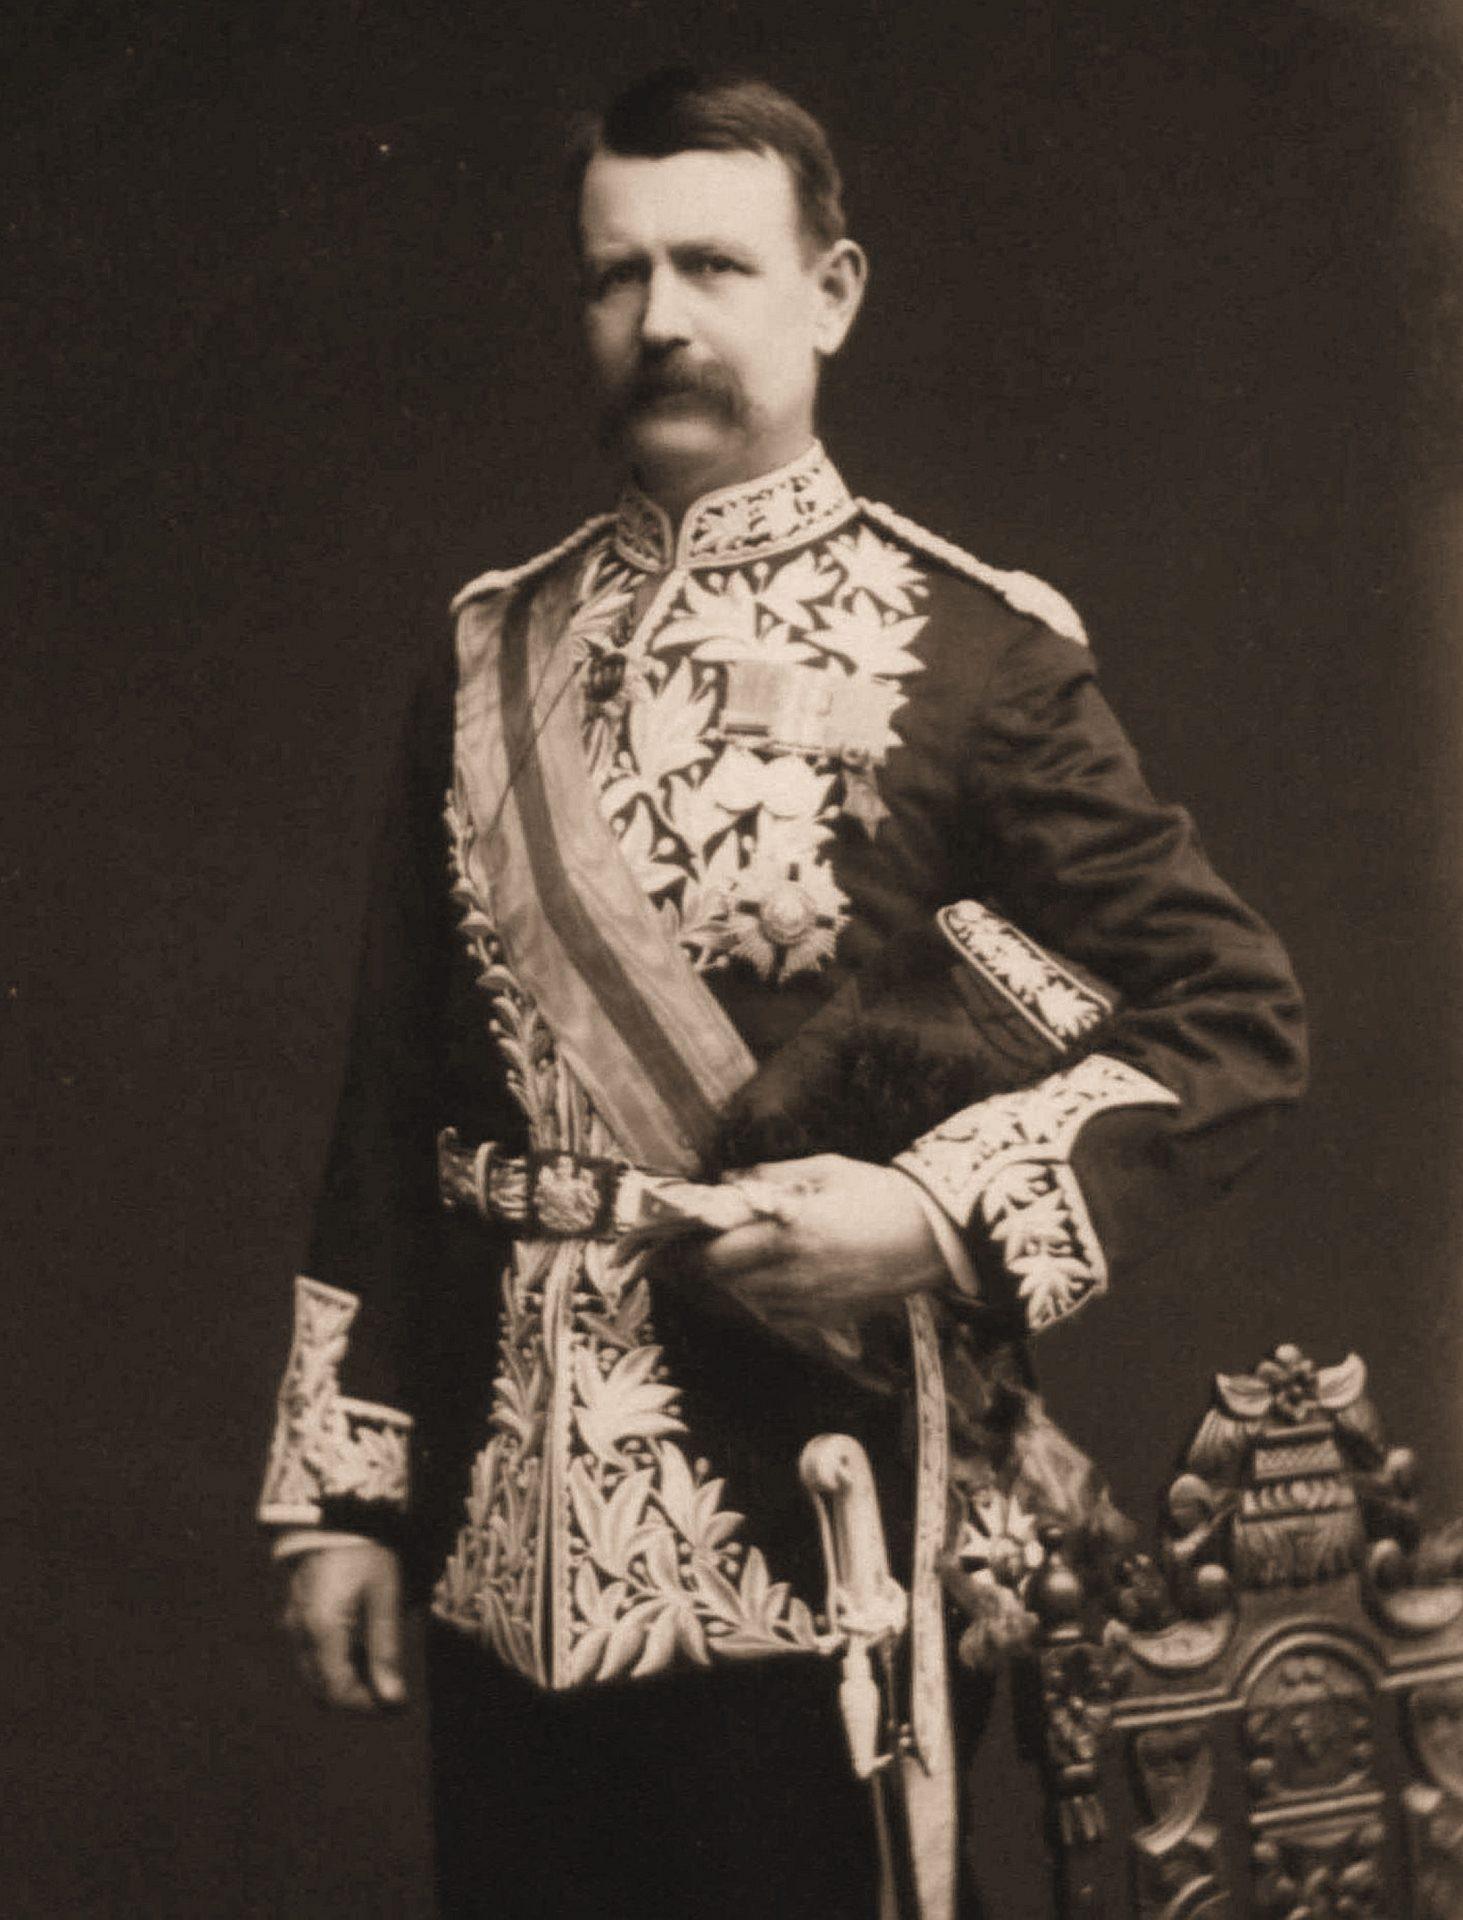 Sir Charles Warren